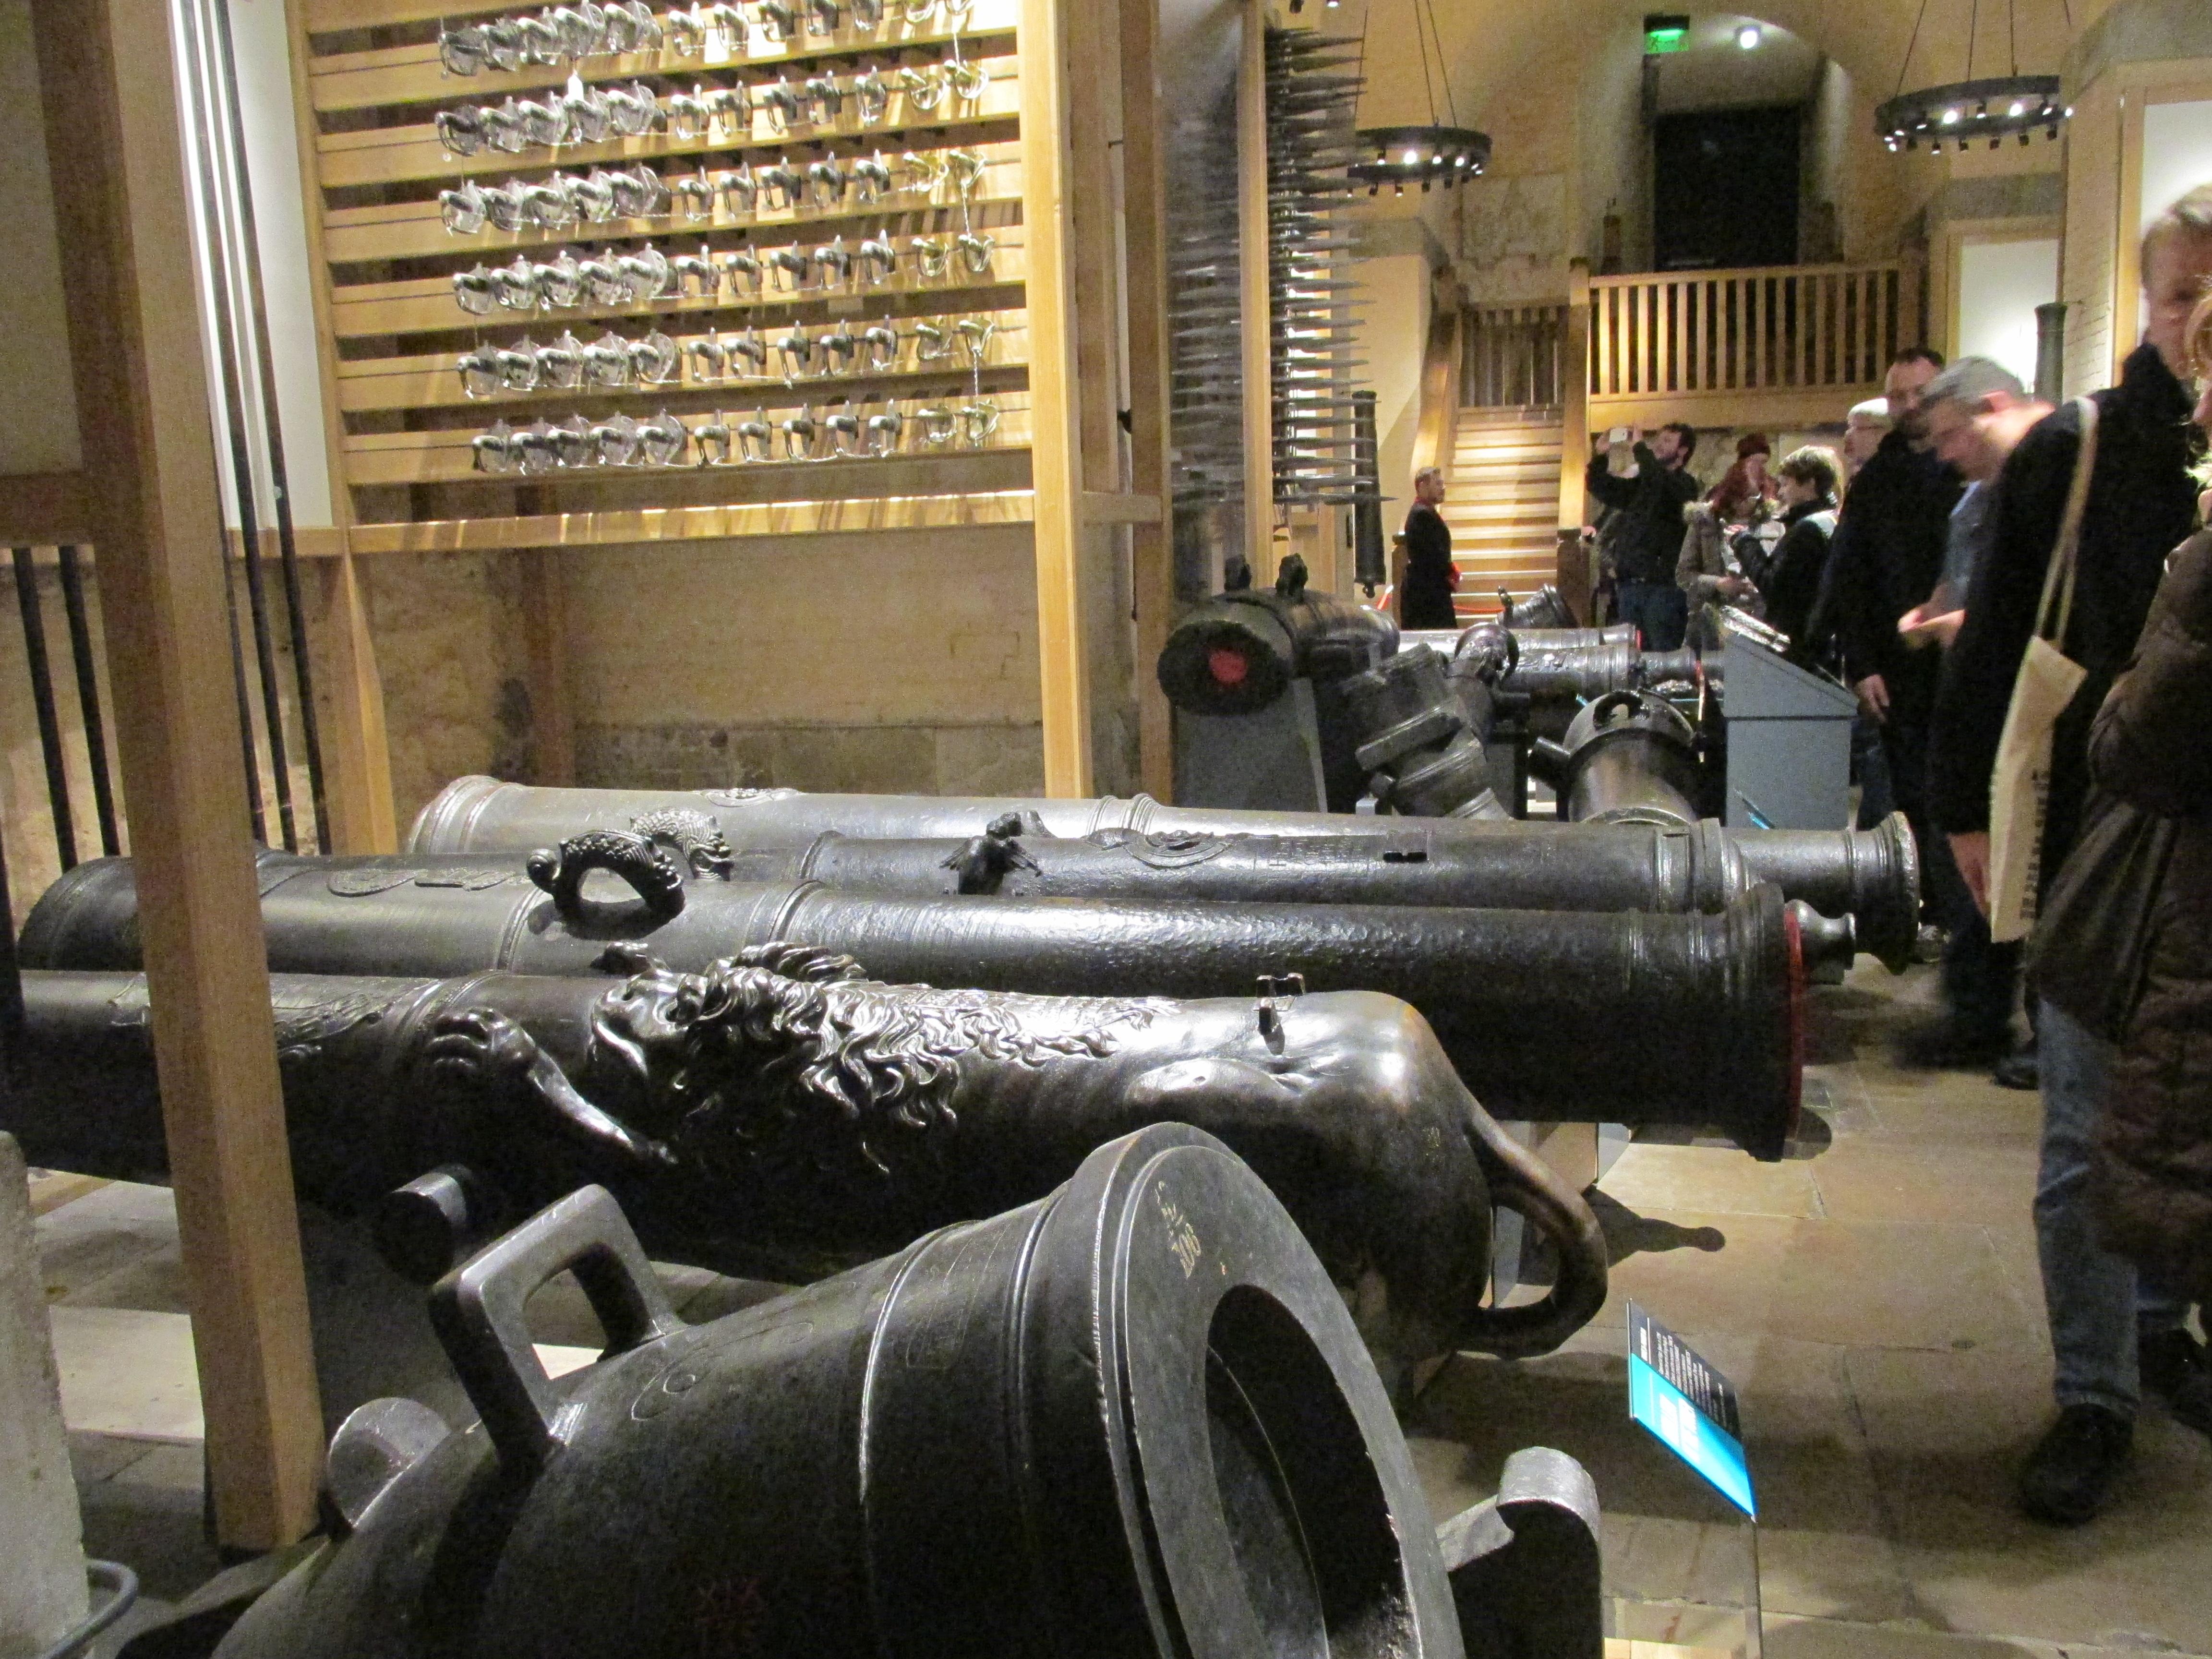 IMG 1803 - Visitando la Torre de Londres